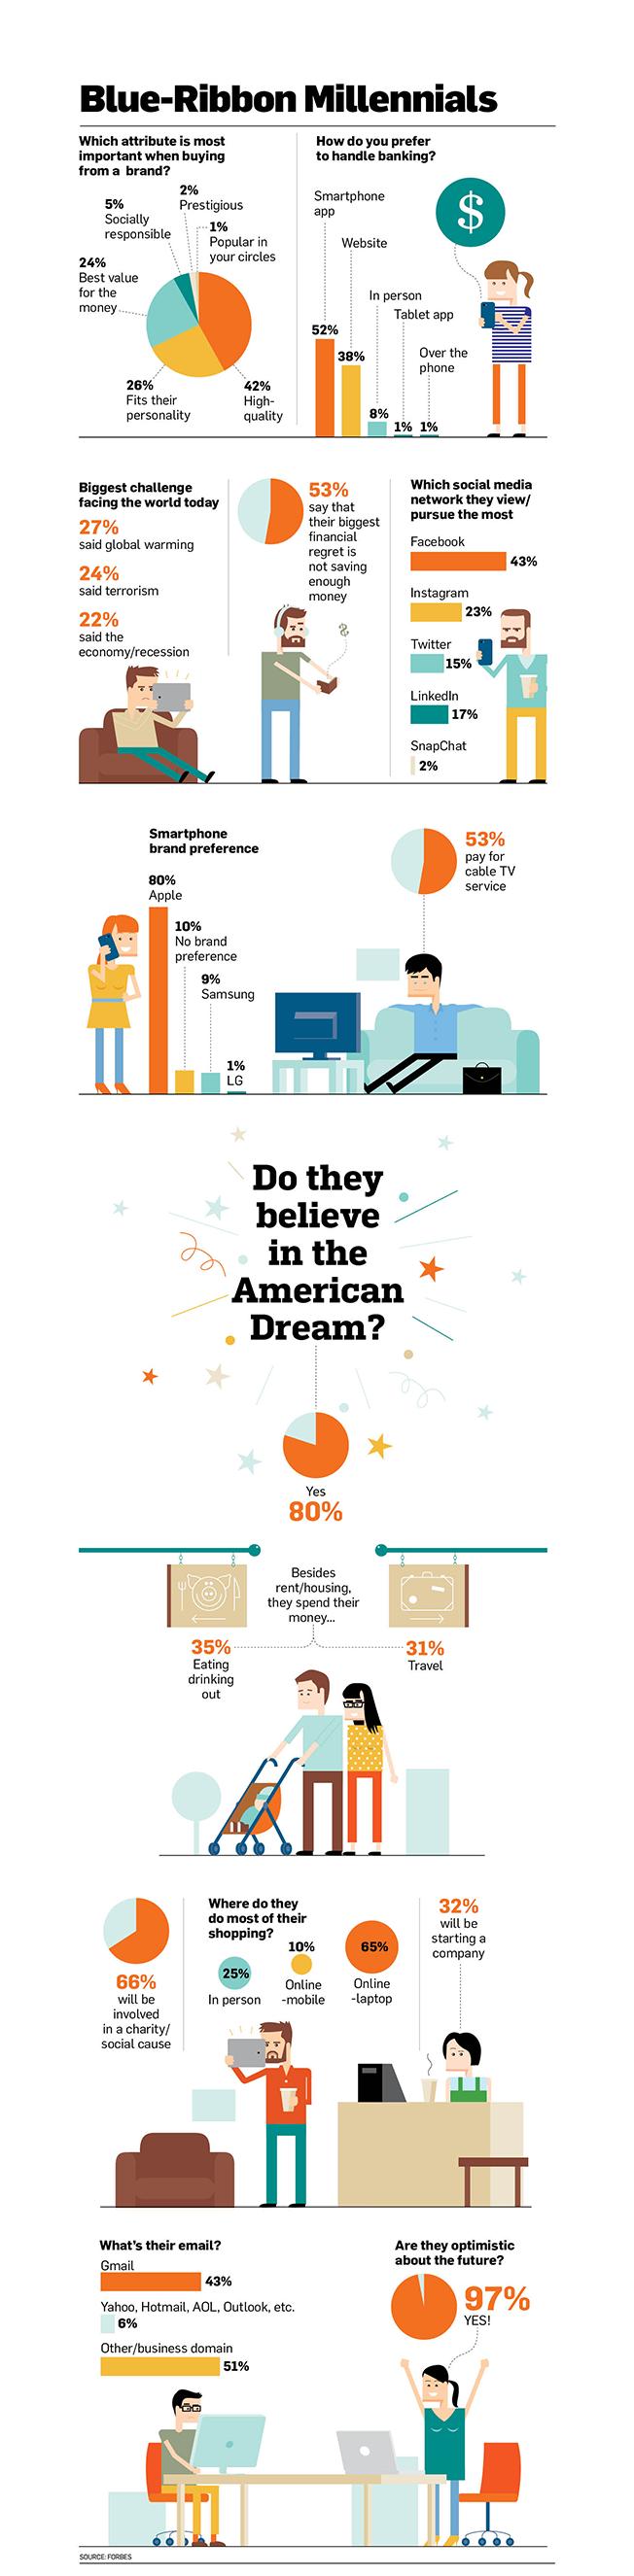 millennials.infographic